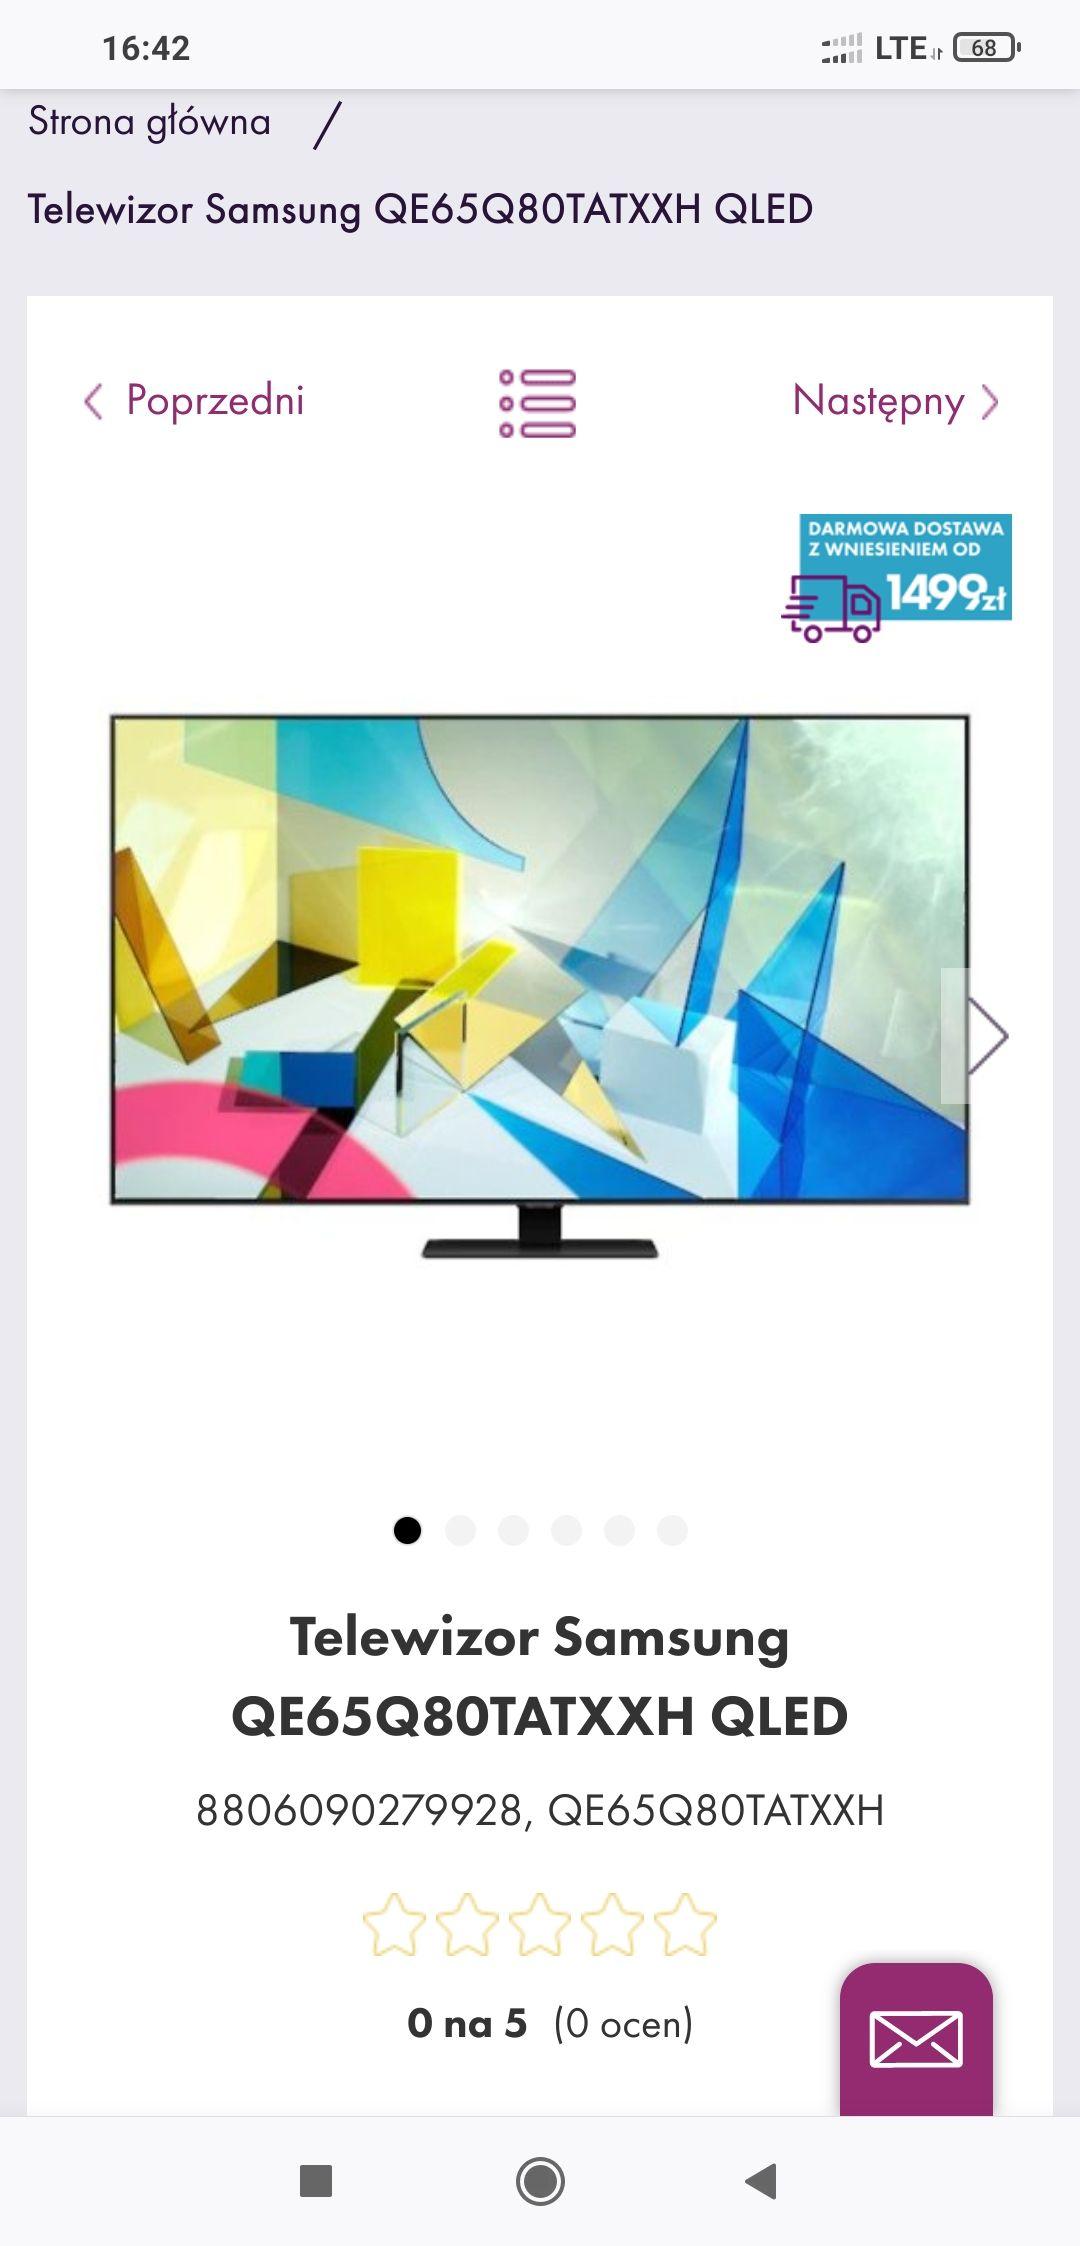 Telewizor Samsung QE65Q80TATXXH